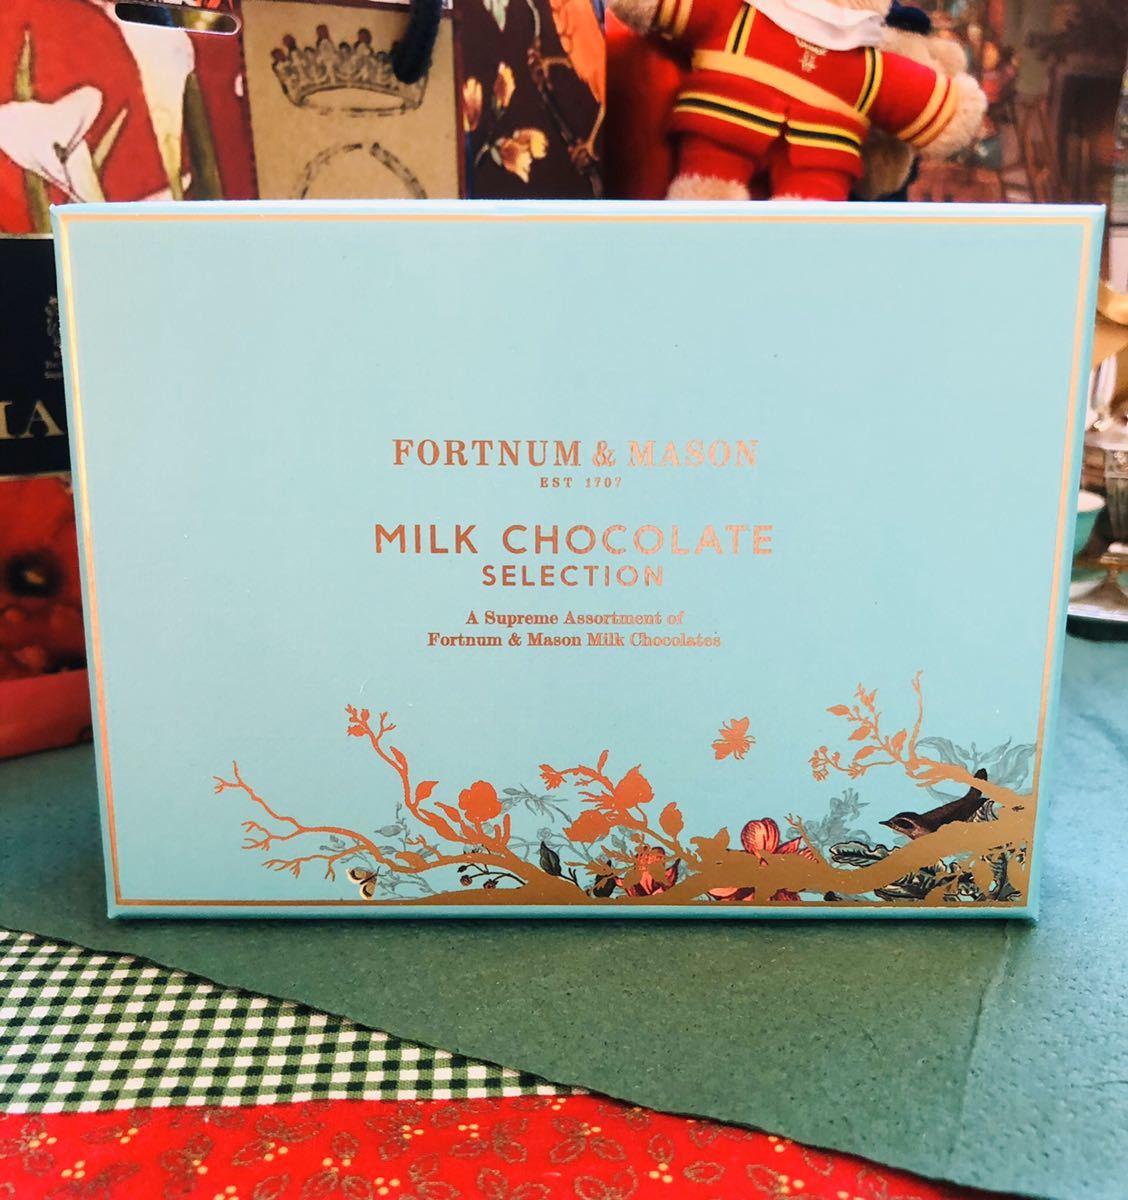 バレンタインにも【ミルクチョコレート・セレクションボックス 120g】ひと粒ずつが宝もの~フォートナム&メイソン_画像7